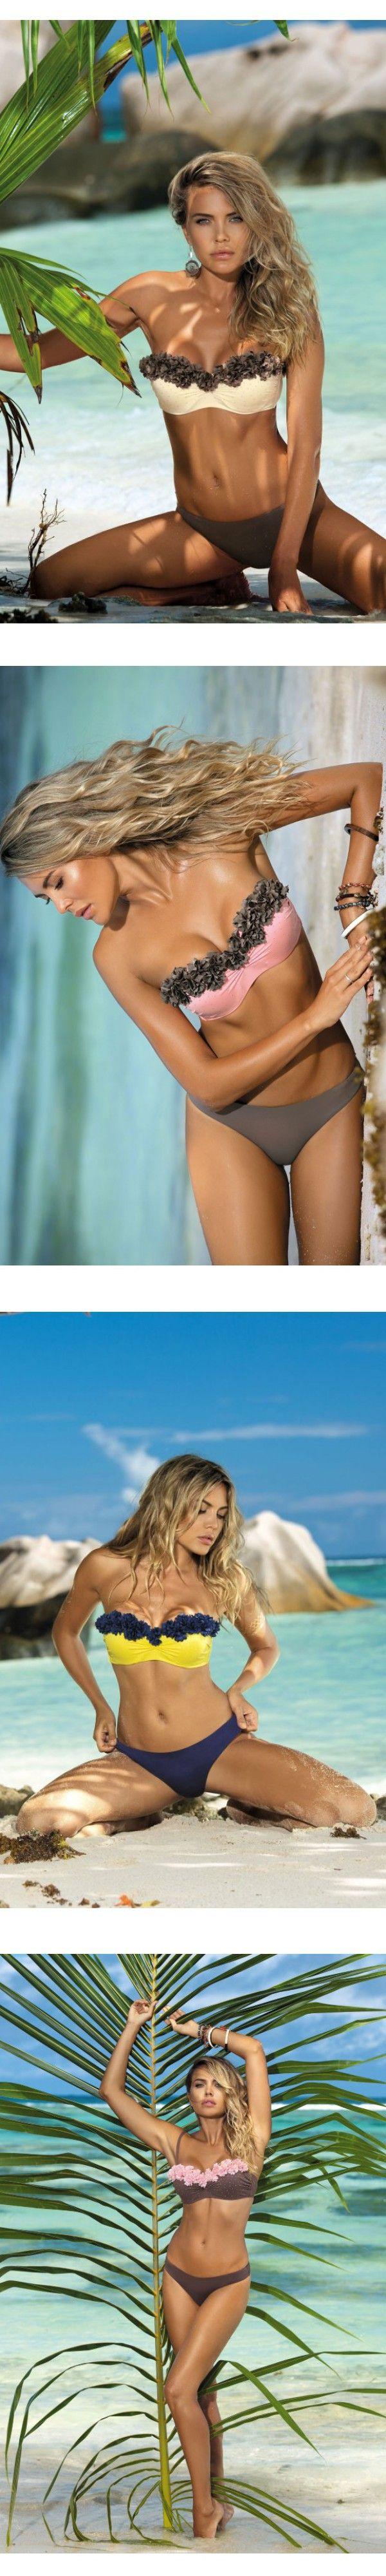 2016 summr women bikini swimsuit maillot de bain neoprene bikini high waist swimsuit brazilian bikini $6.98